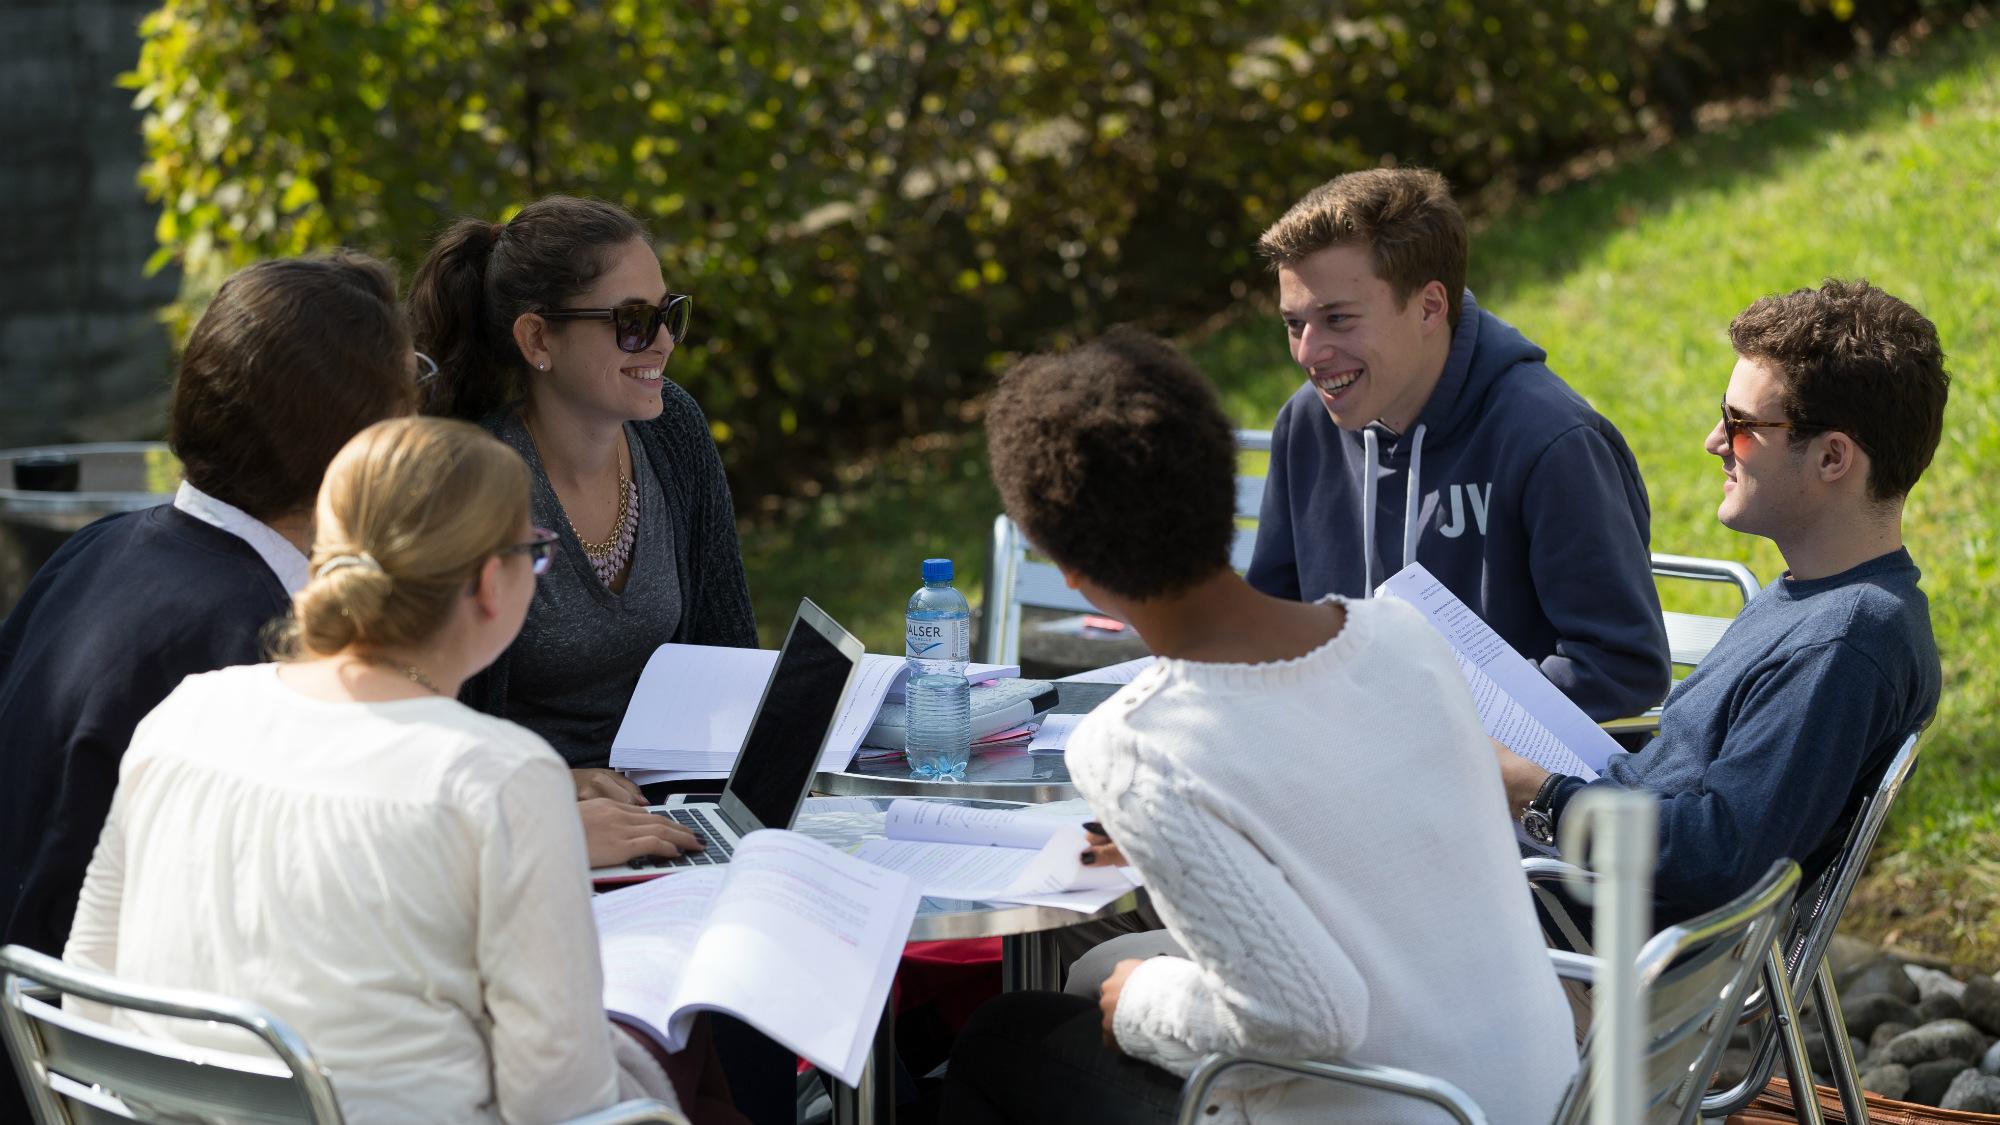 Studierende an der Sonne sitzend, zwischen Hauptgebaeude und Bibliotheksgebaeude der Universitaet St.Gallen (HSG)